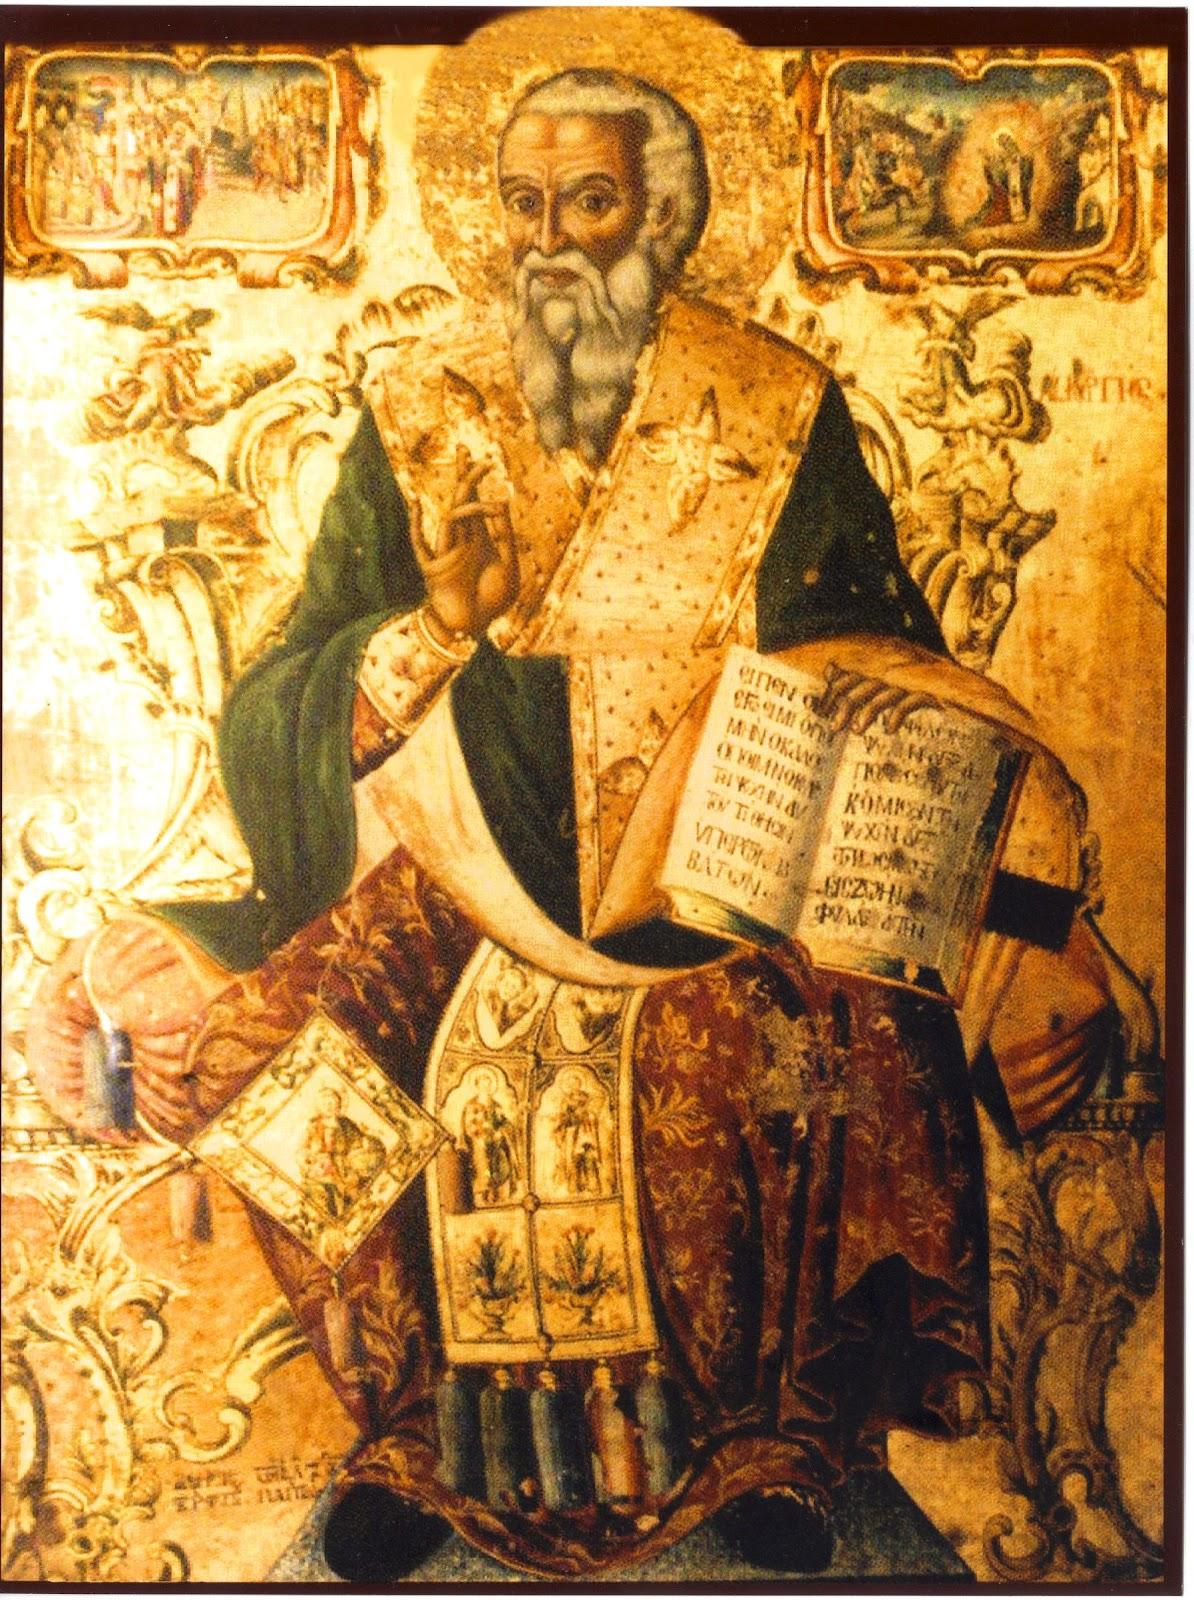 Αποτέλεσμα εικόνας για άγιος πολύκαρπος επίσκοπος σμύρνης